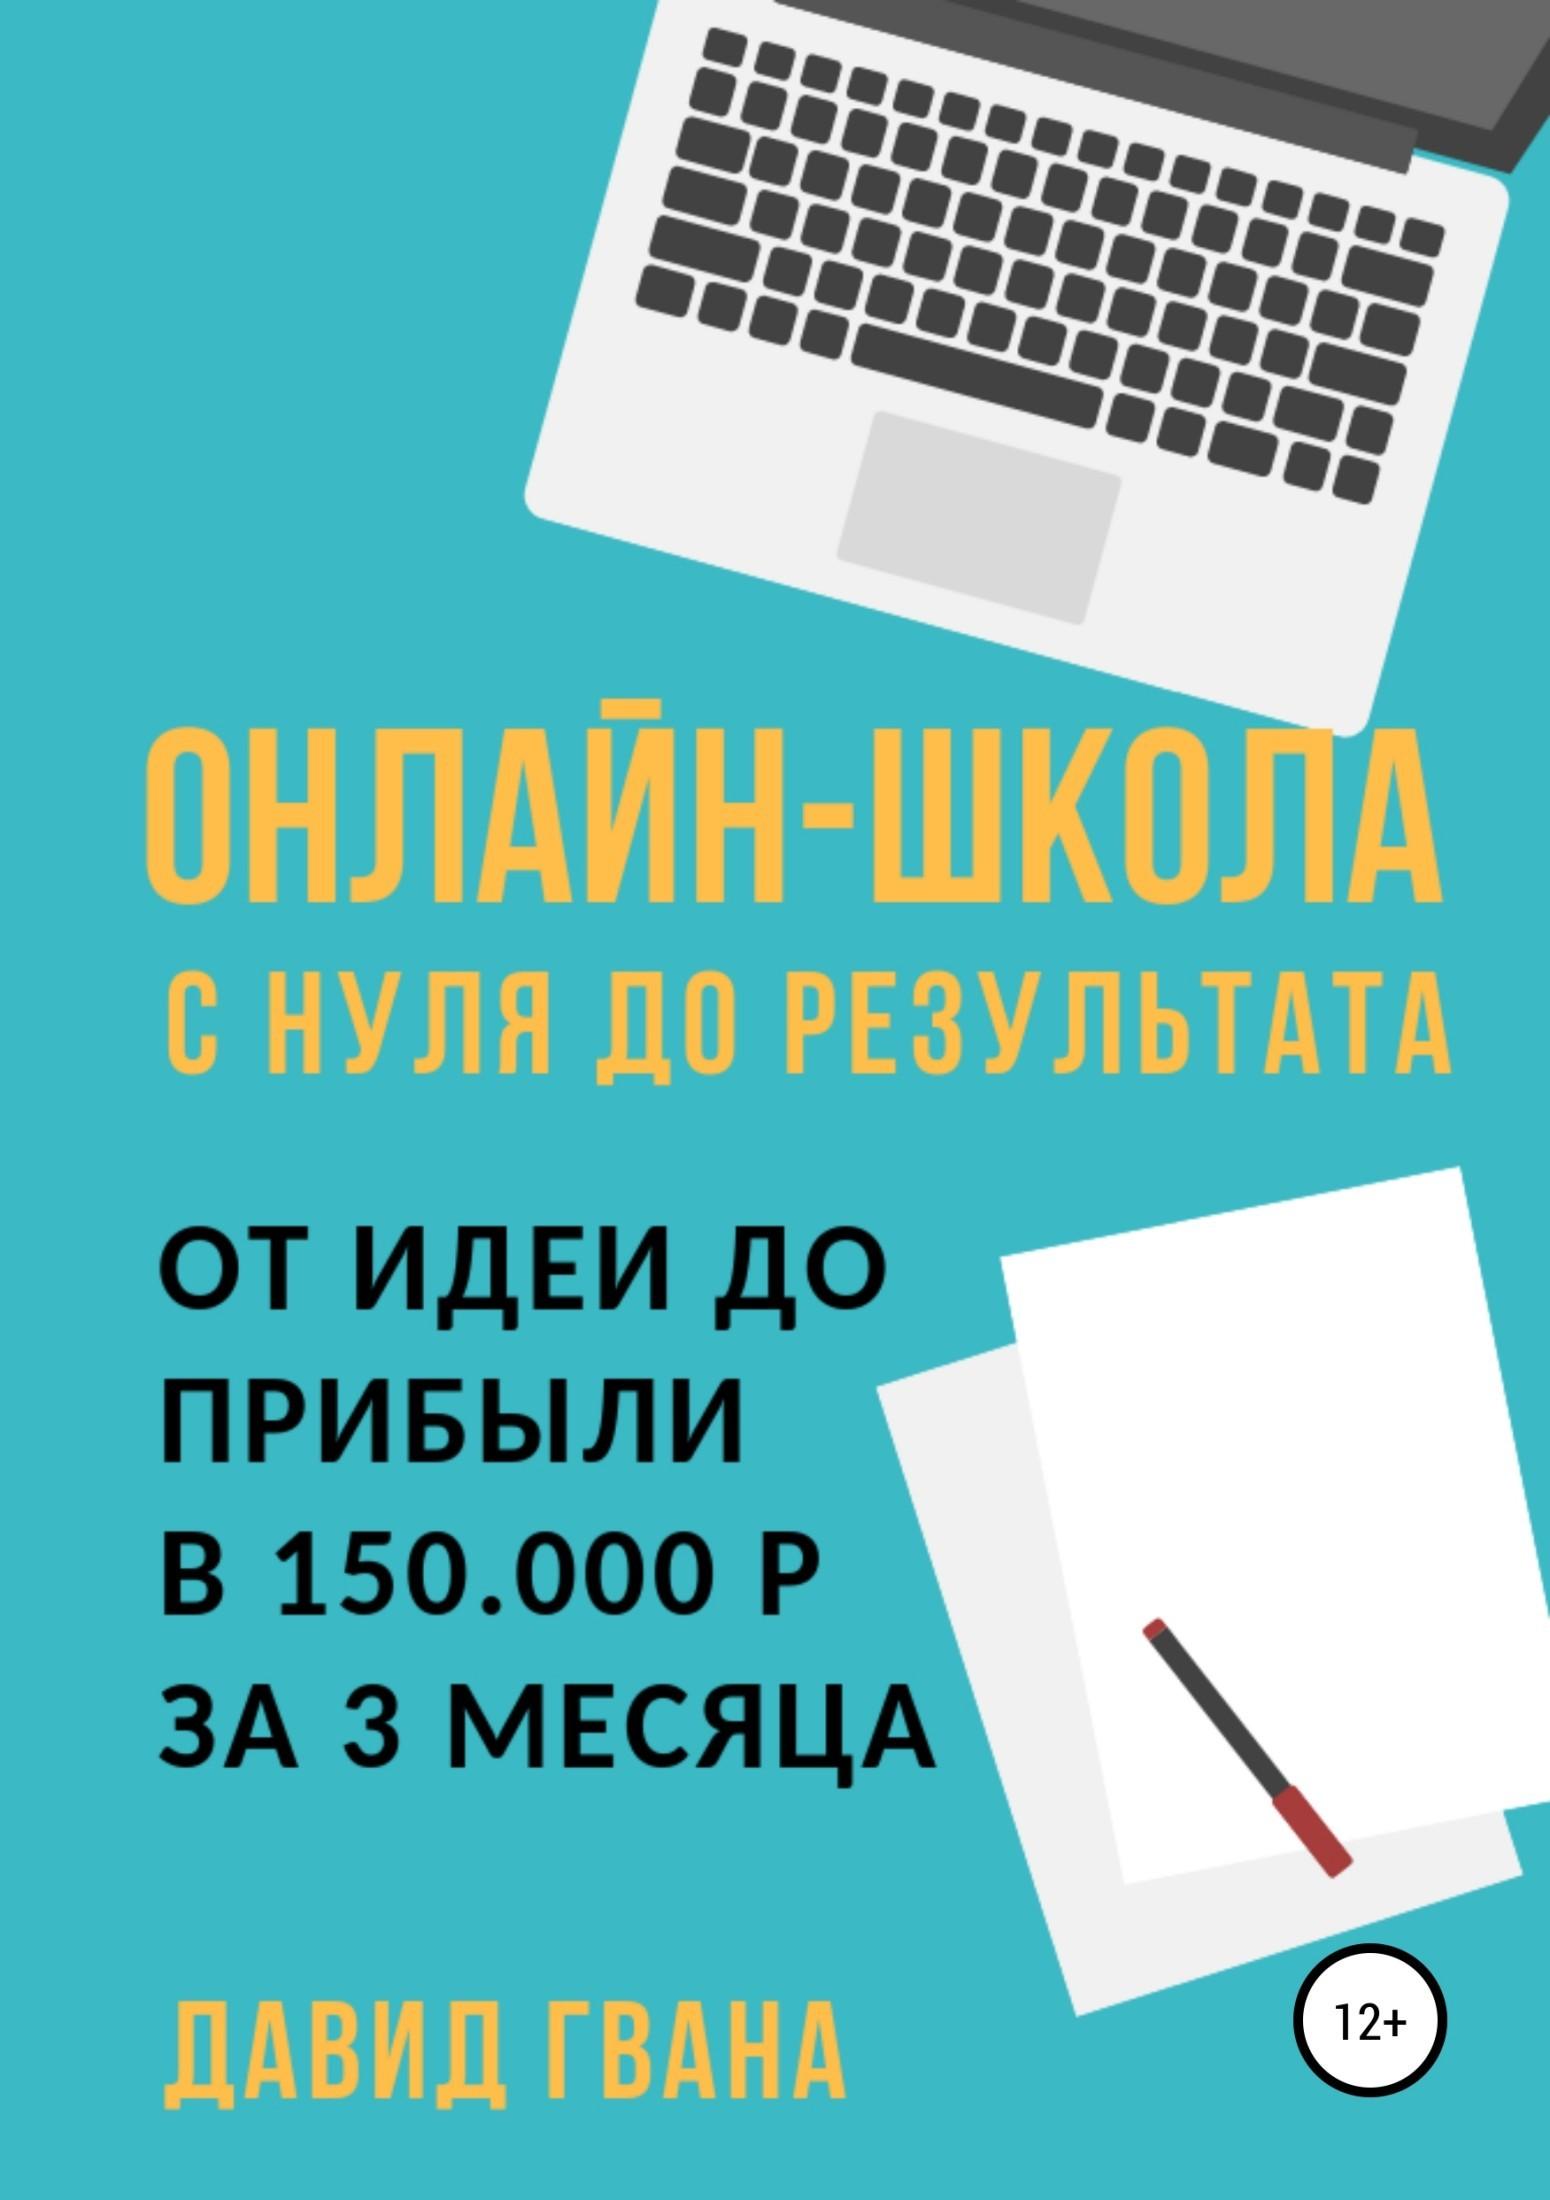 Обложка книги Онлайн-школа с нуля до результата. От идеи до прибыли в 150.000 ₽ за 3 месяца